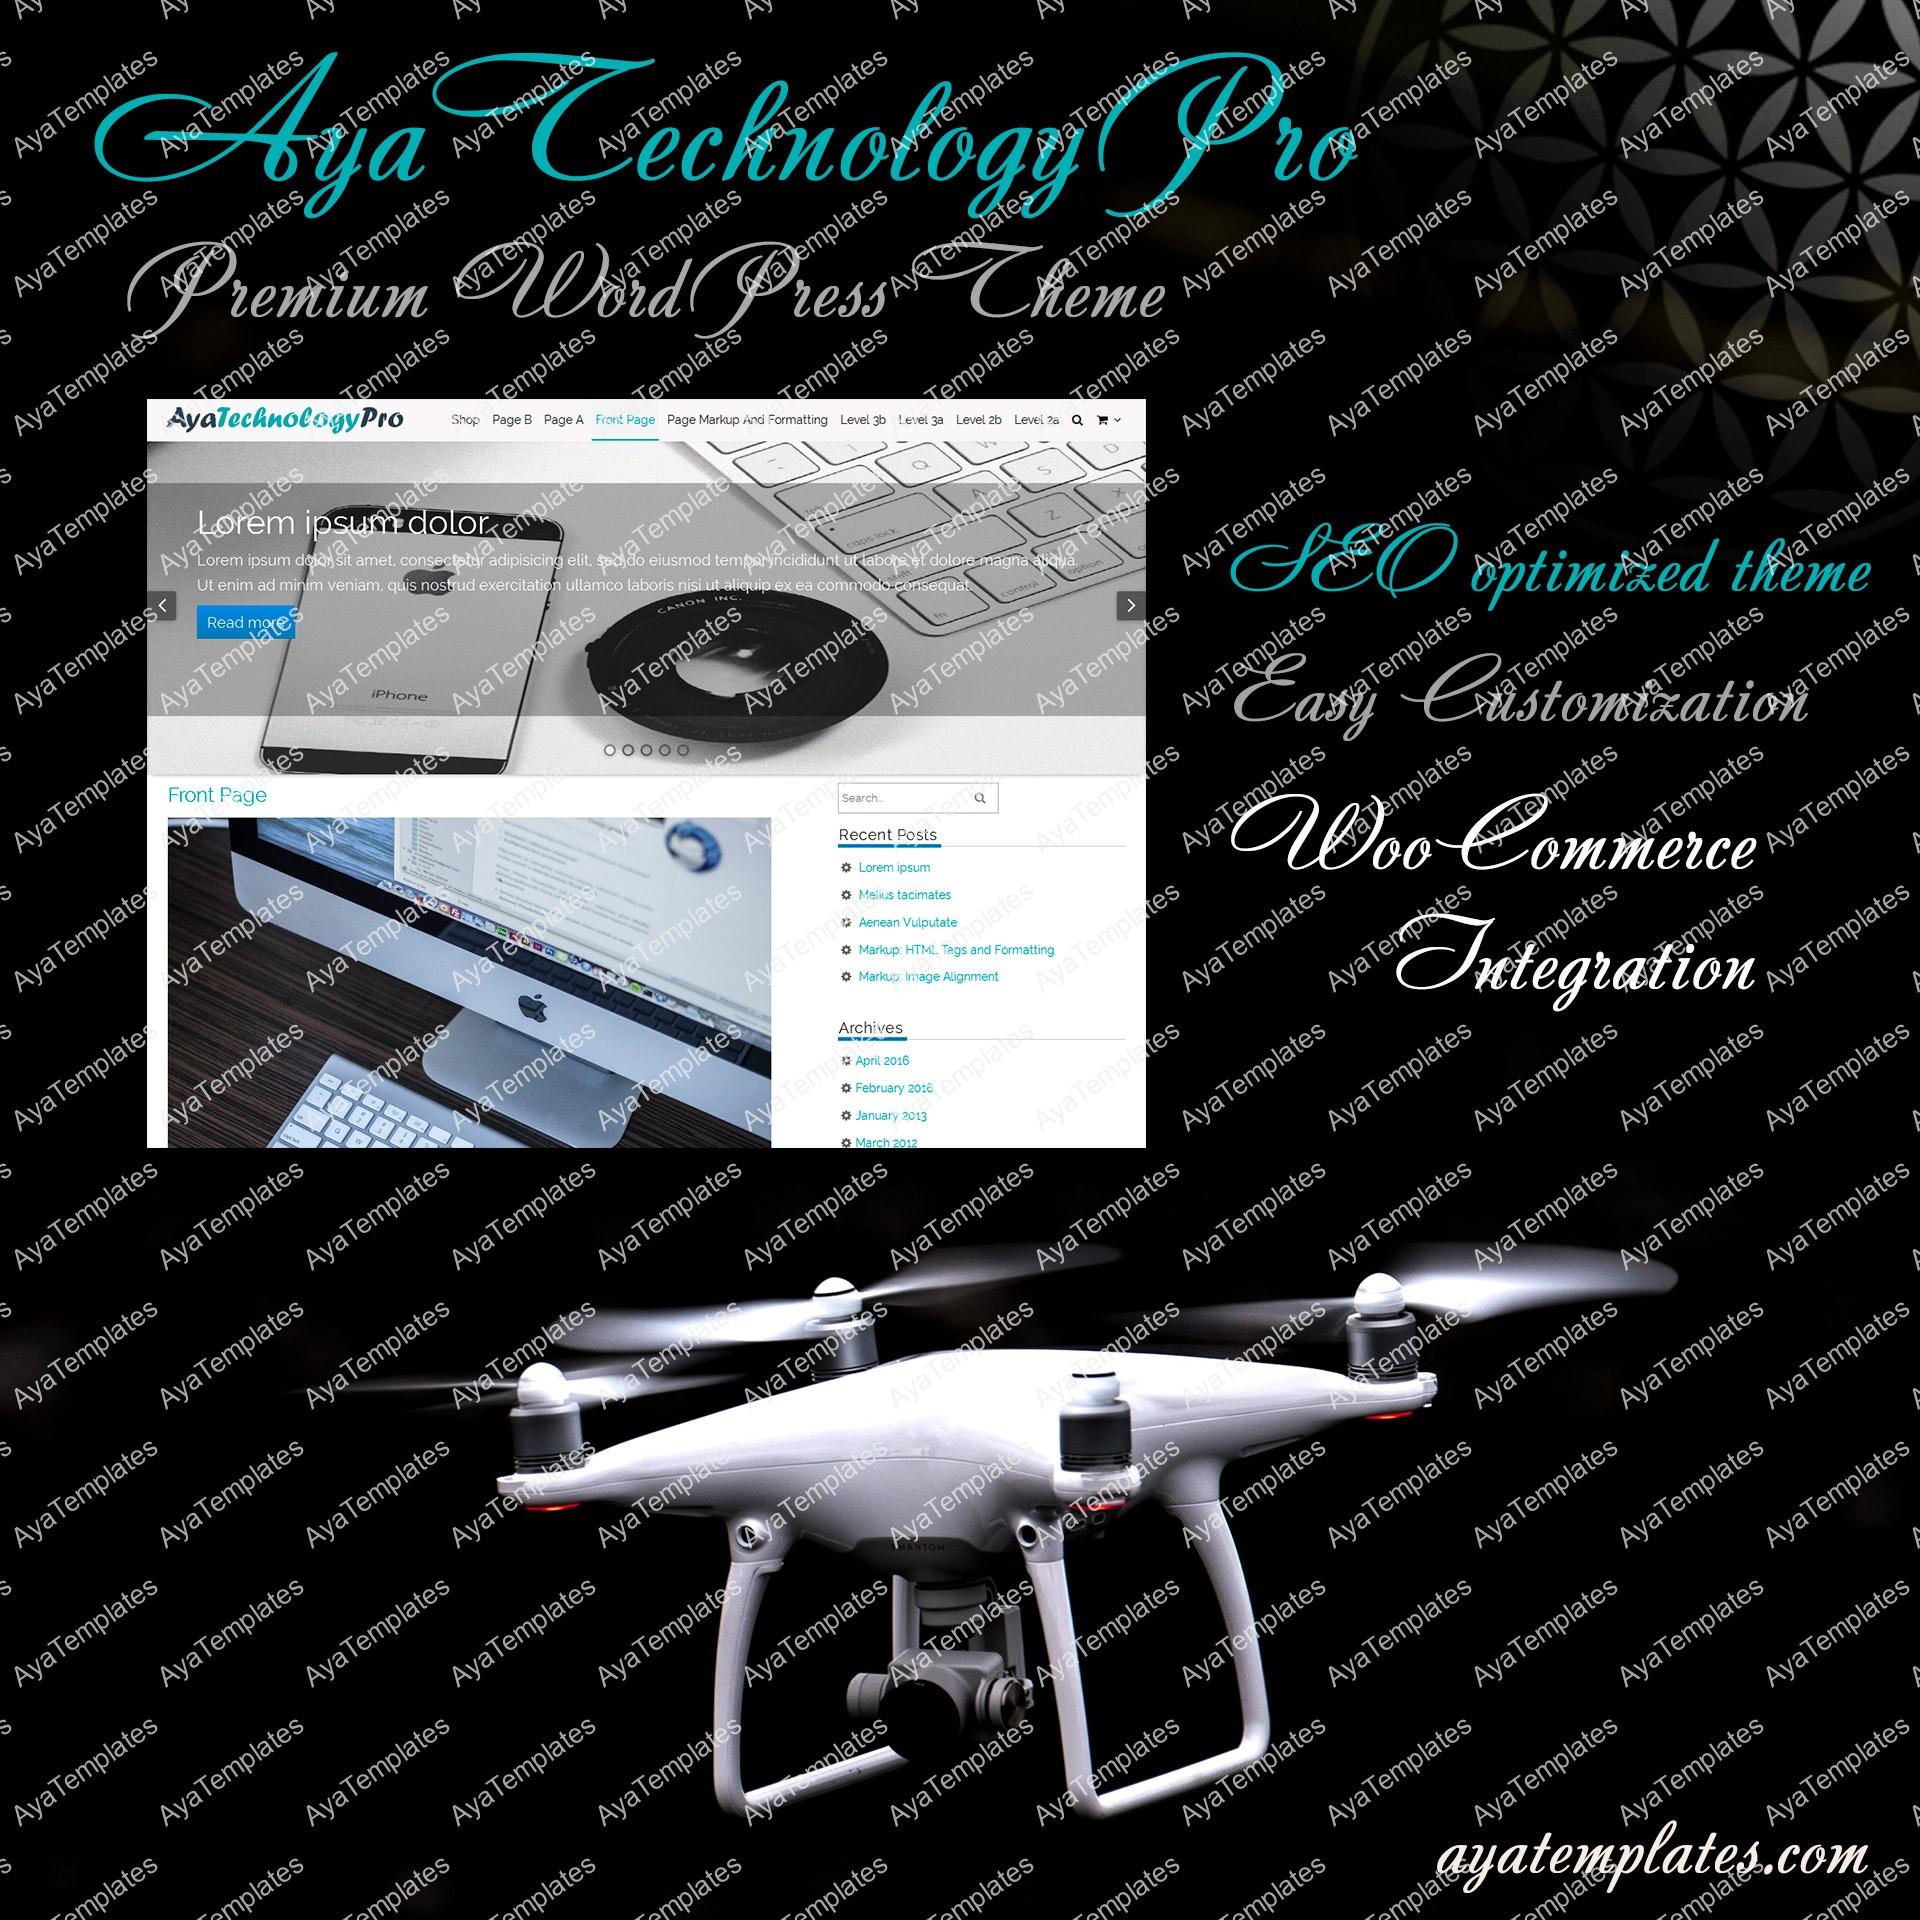 ayatechnologypro-premium-wordpress-theme-mockup-ayatemplates-com